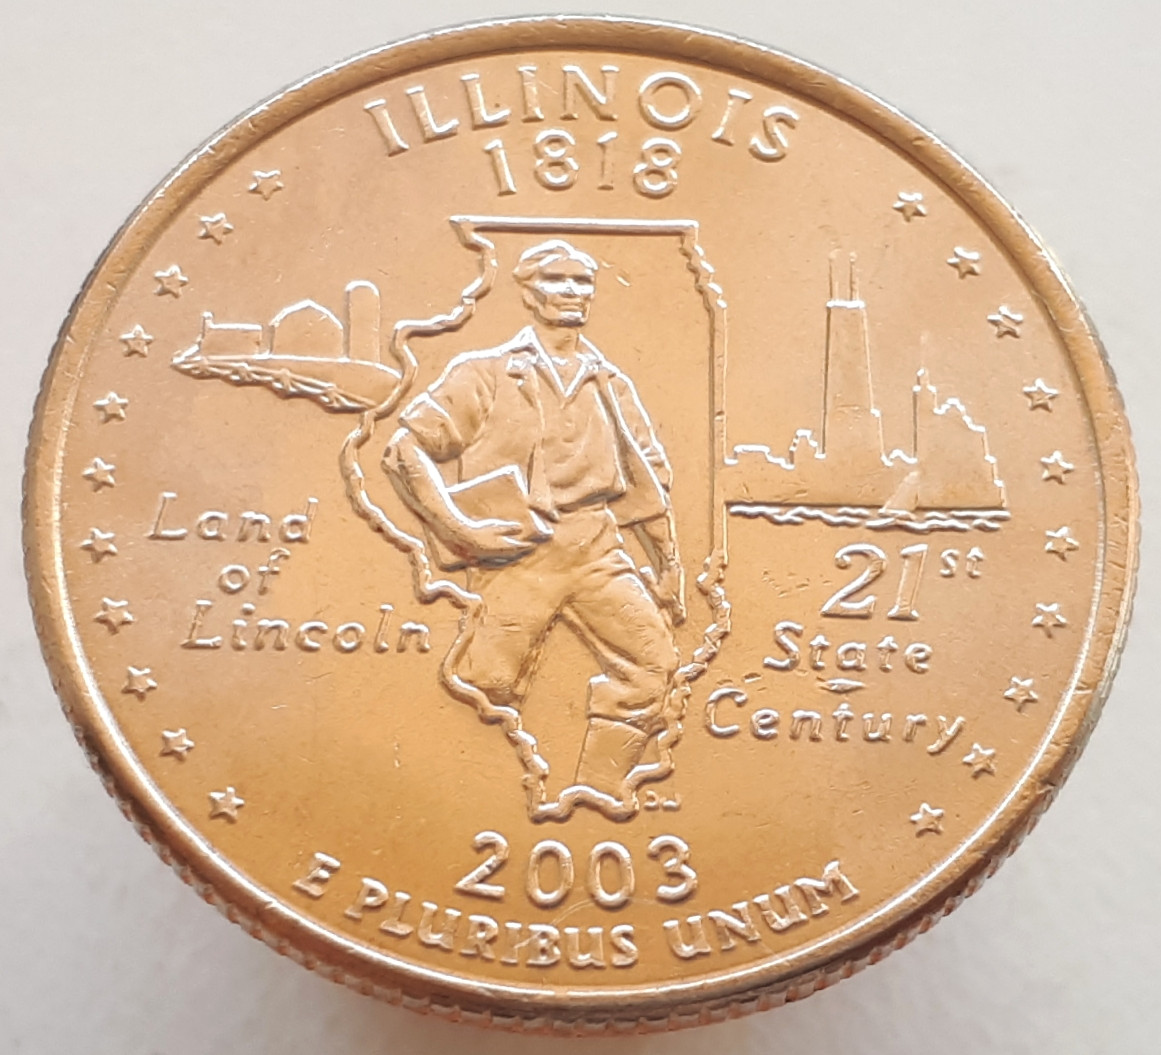 США 25 центов 2003 Иллинойс D